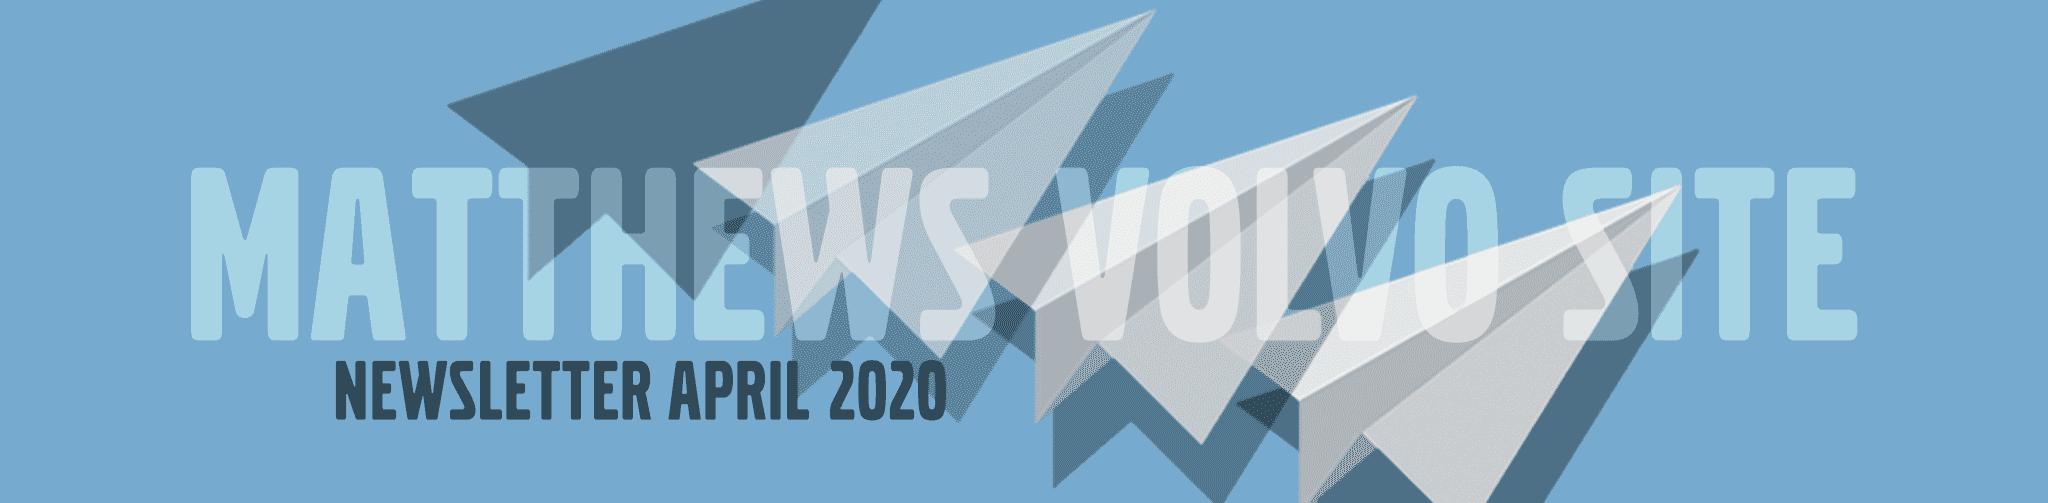 Mvs Newsletter Logo Superwide April 2020 -